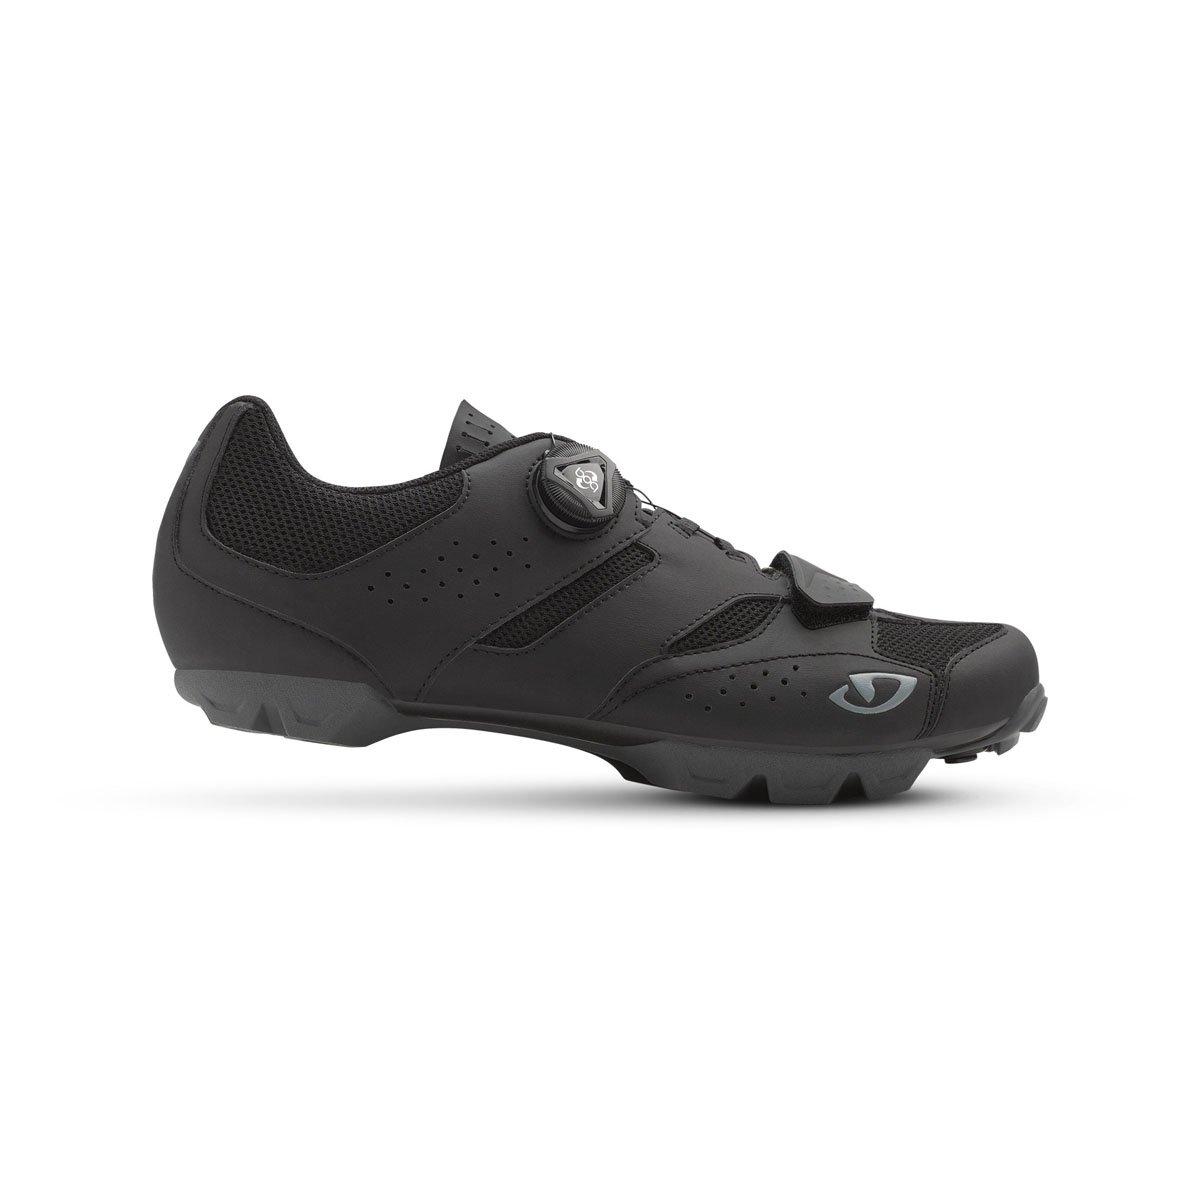 Giro Cylinder MTB, Zapatos de Bicicleta de montaña para Mujer: Amazon.es: Zapatos y complementos